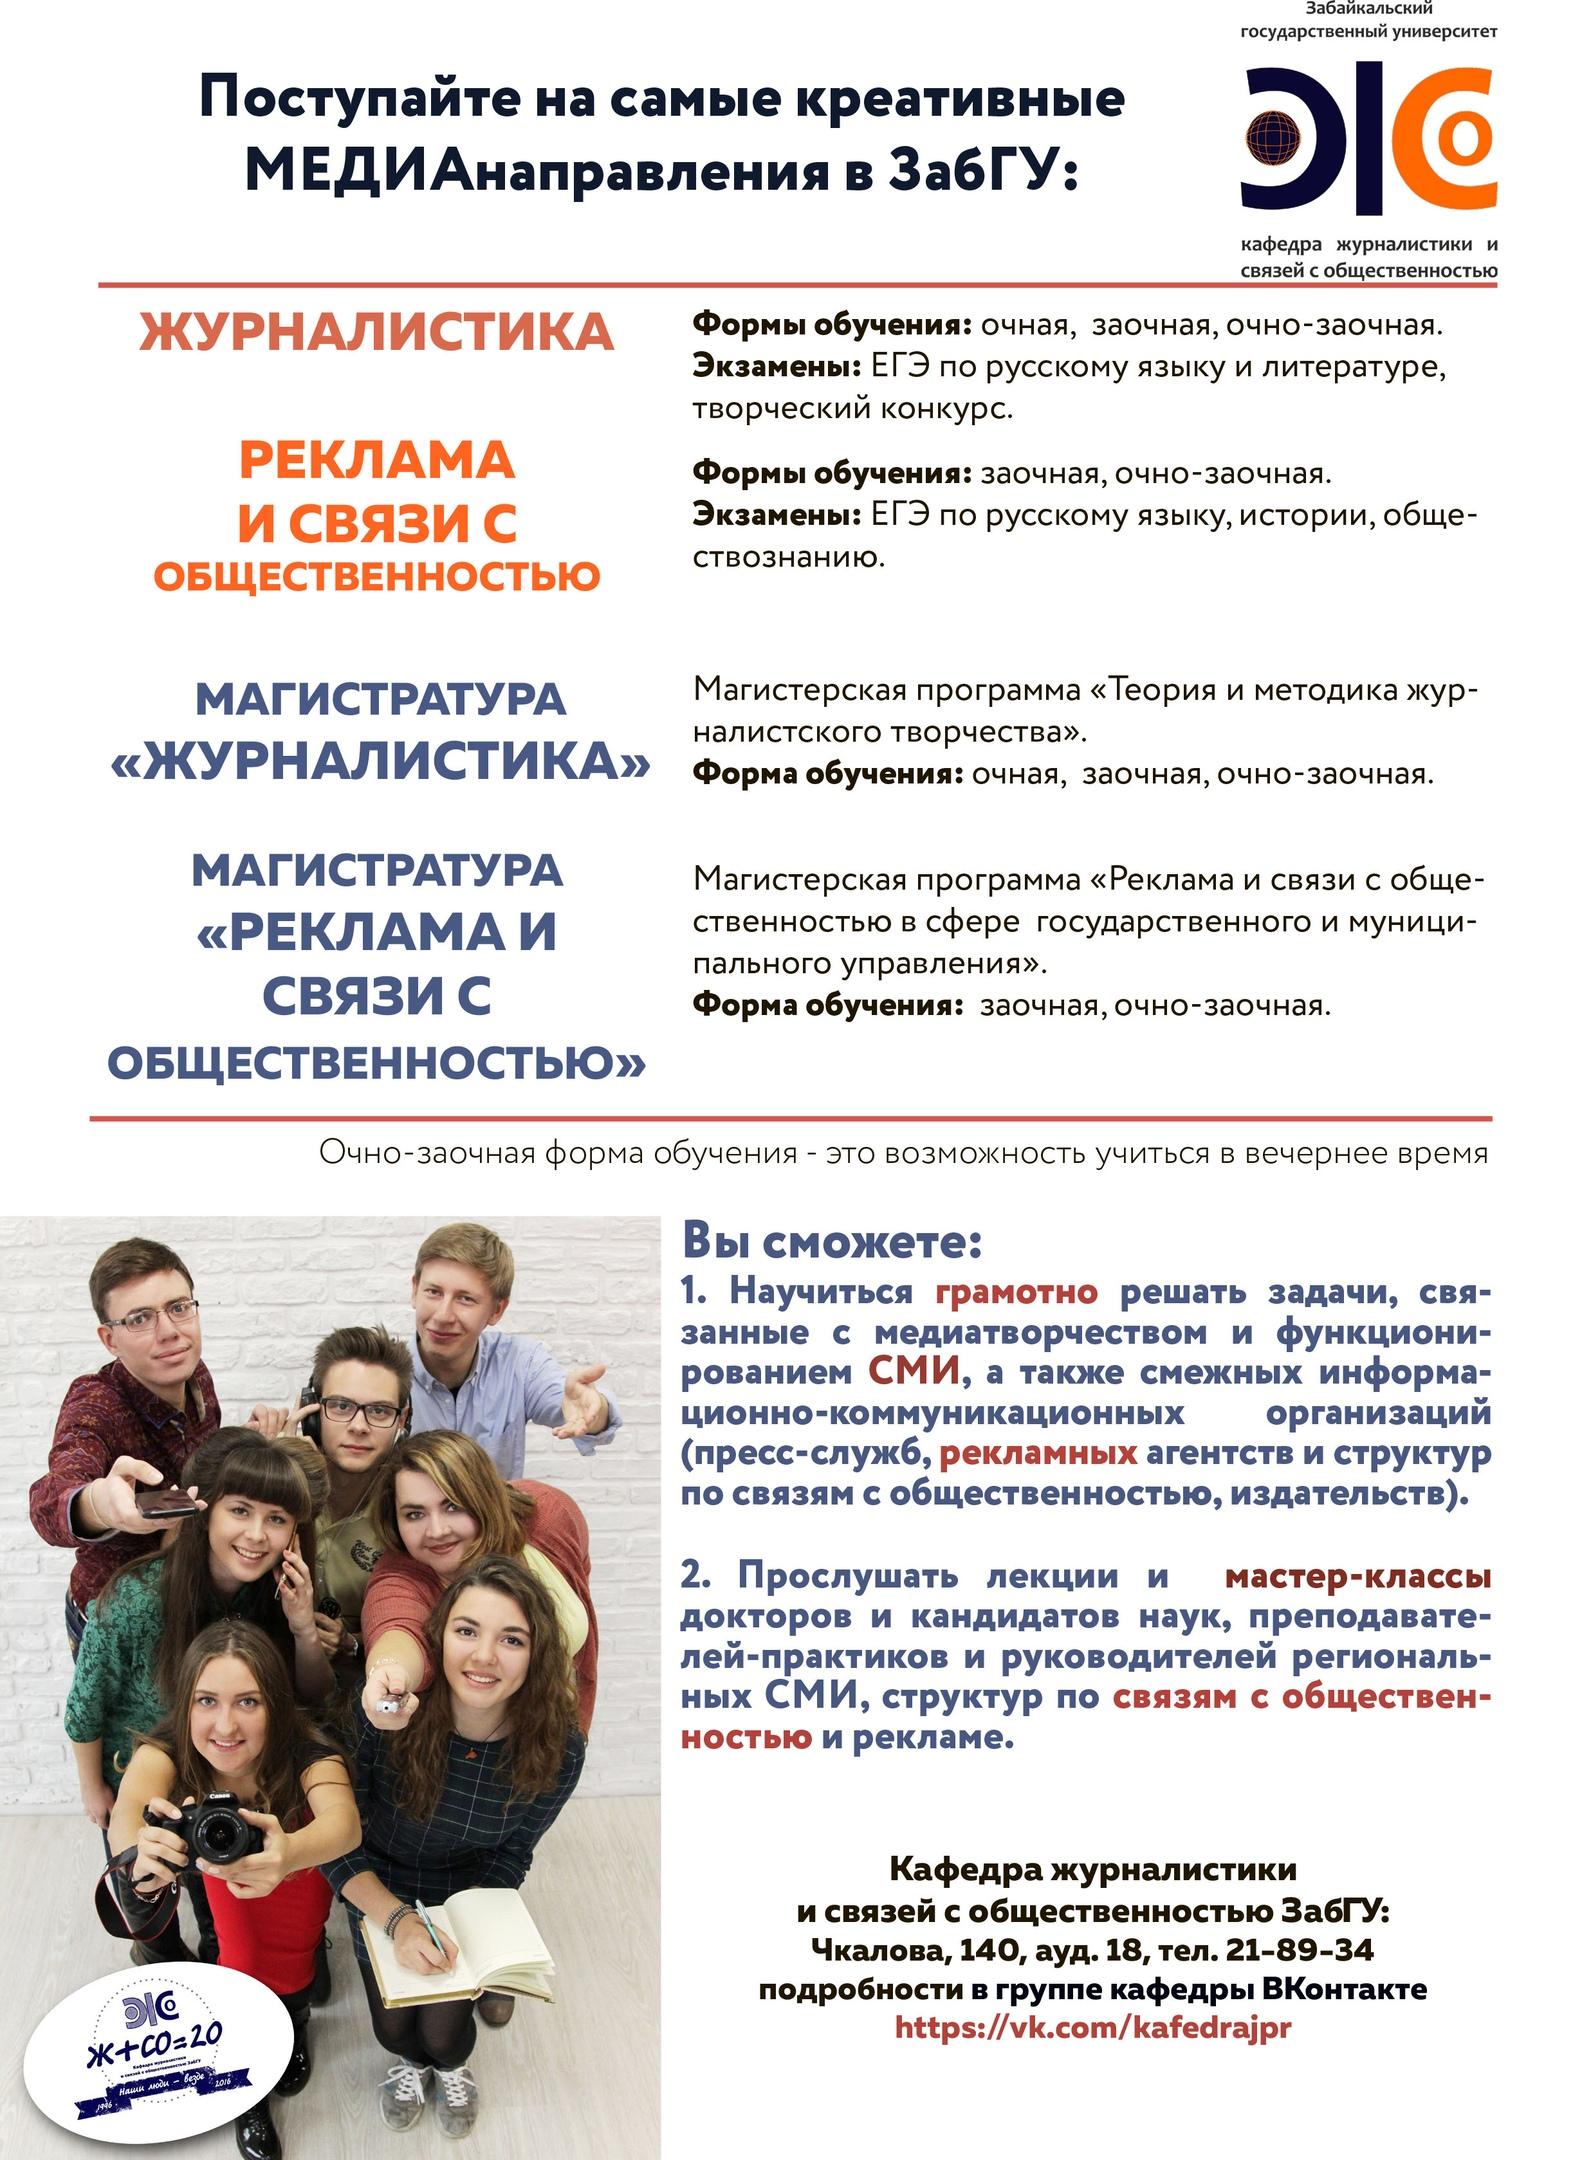 Журфак ЗабГУ проводит набор на магистратуру по направлениям «Журналистика» и «Реклама и связи с общественностью» по заочной форме обучения – без отрыва от работы.